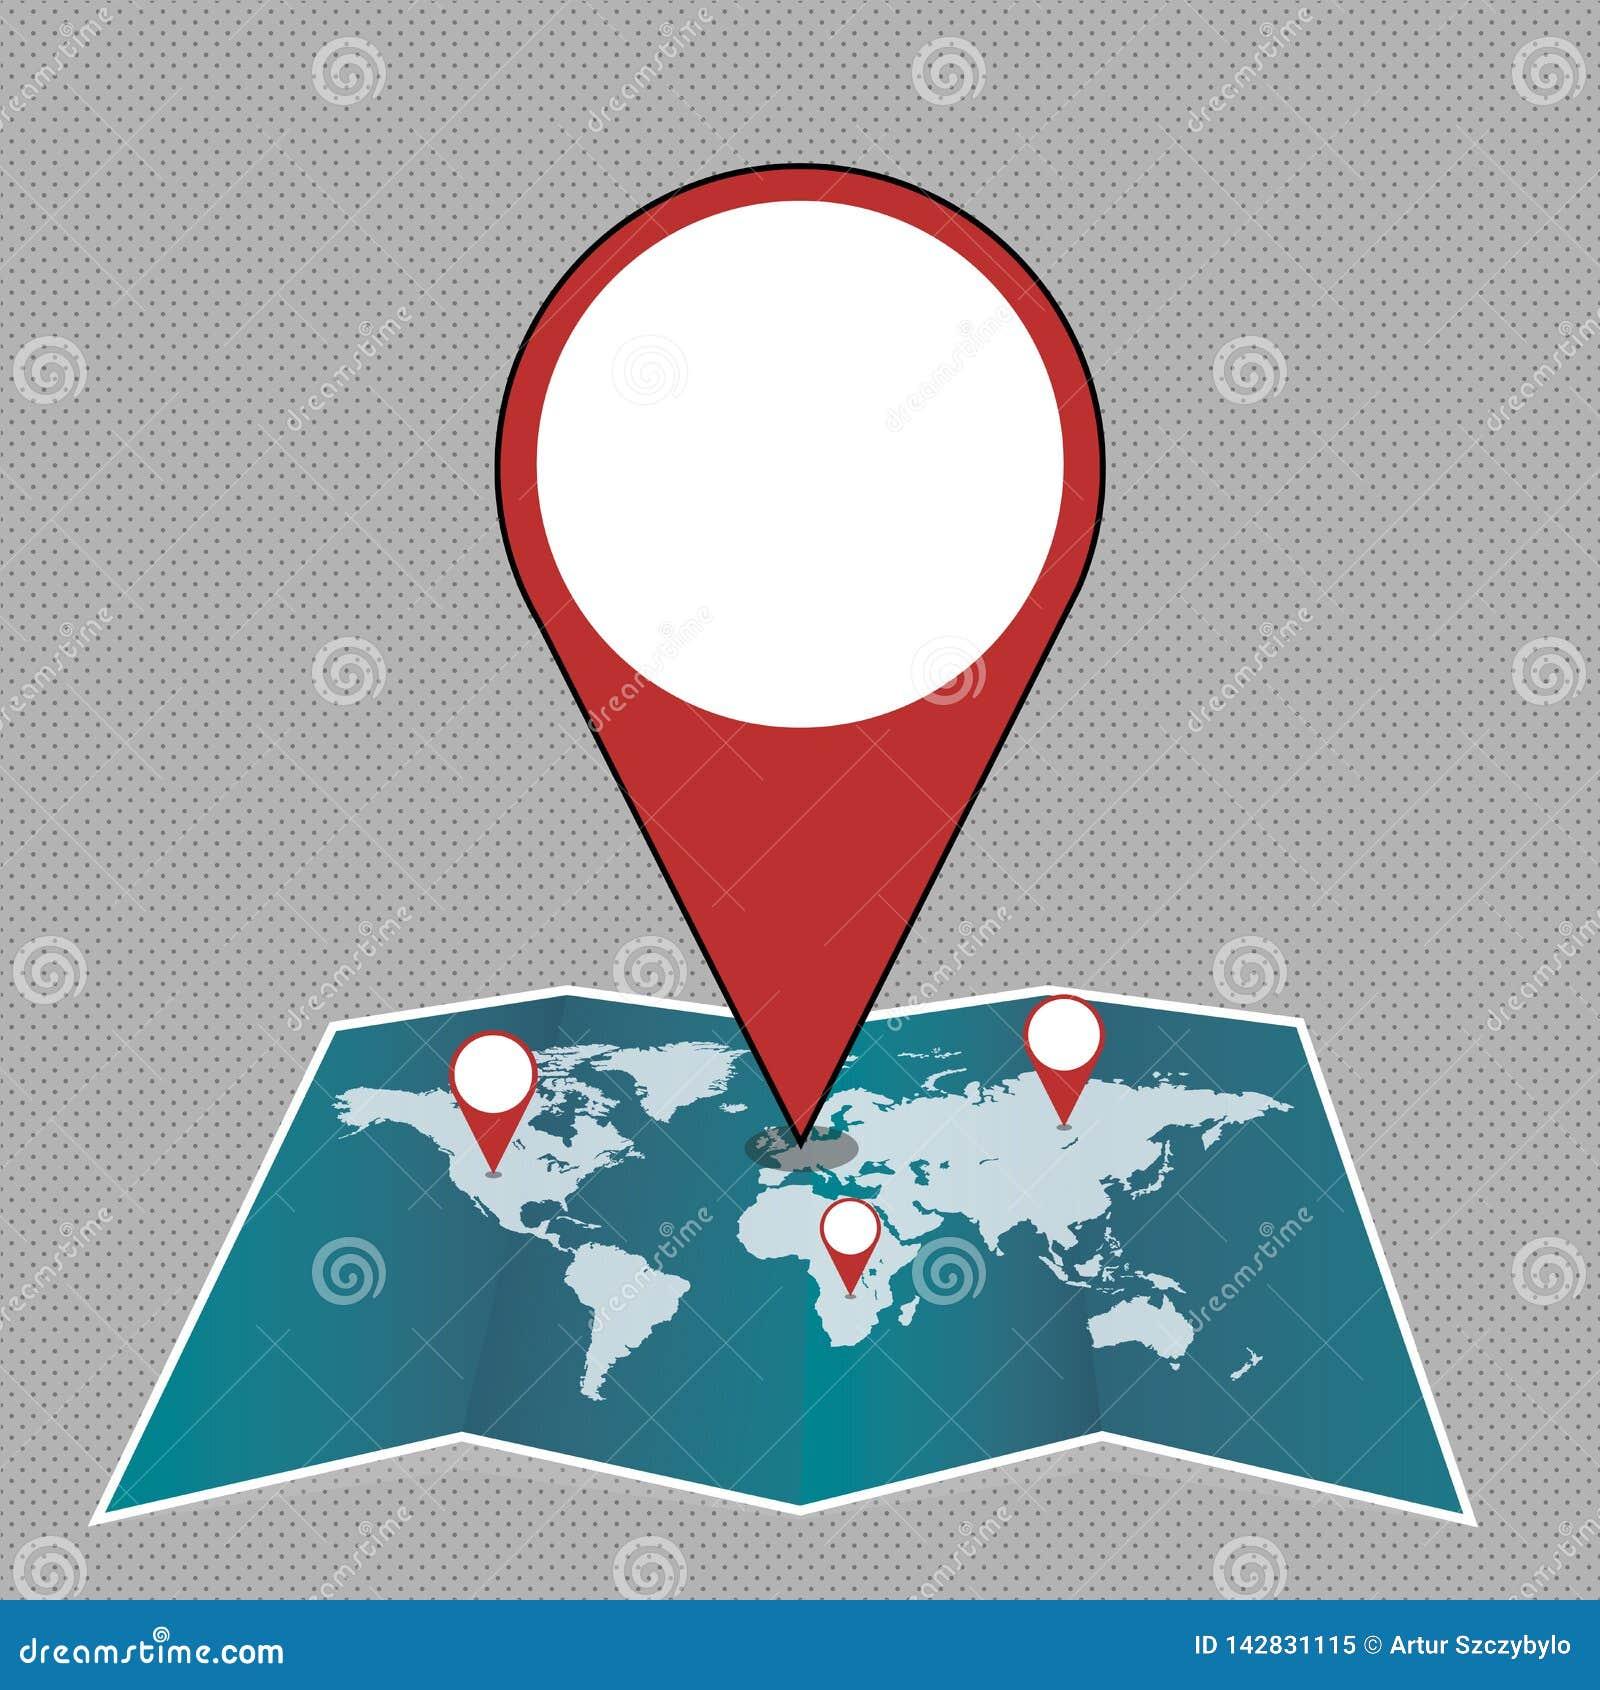 Marcador enorme colorido Pin Pointing do lugar a uma área ou endereço no mapa Ideia criativa do fundo para a entrega, transporte